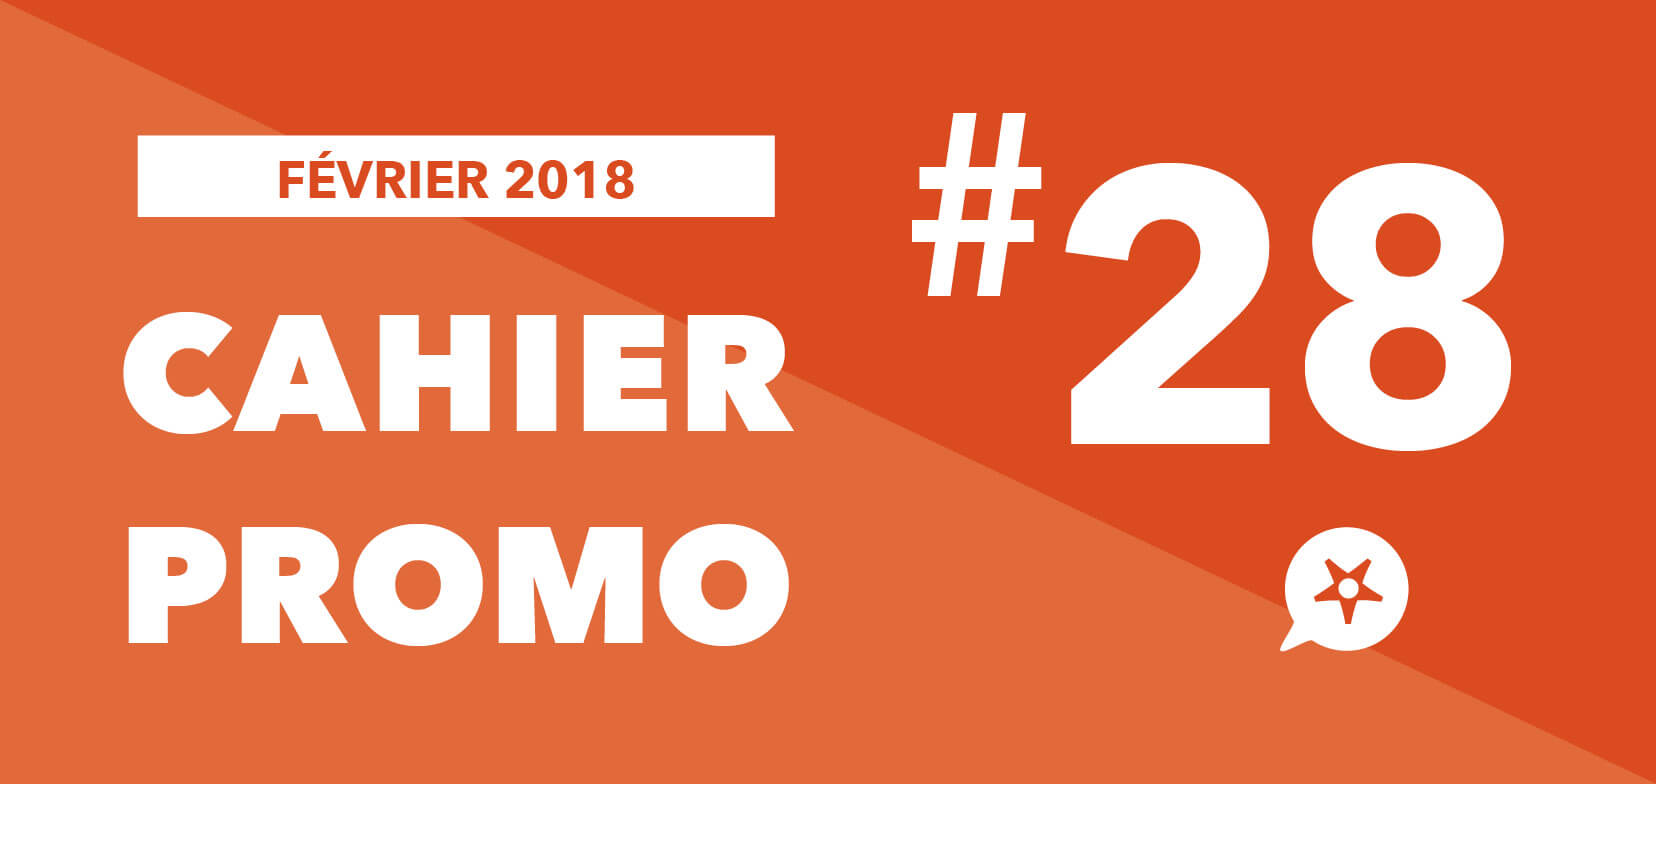 CAHIER PROMO FÉVRIER 2018